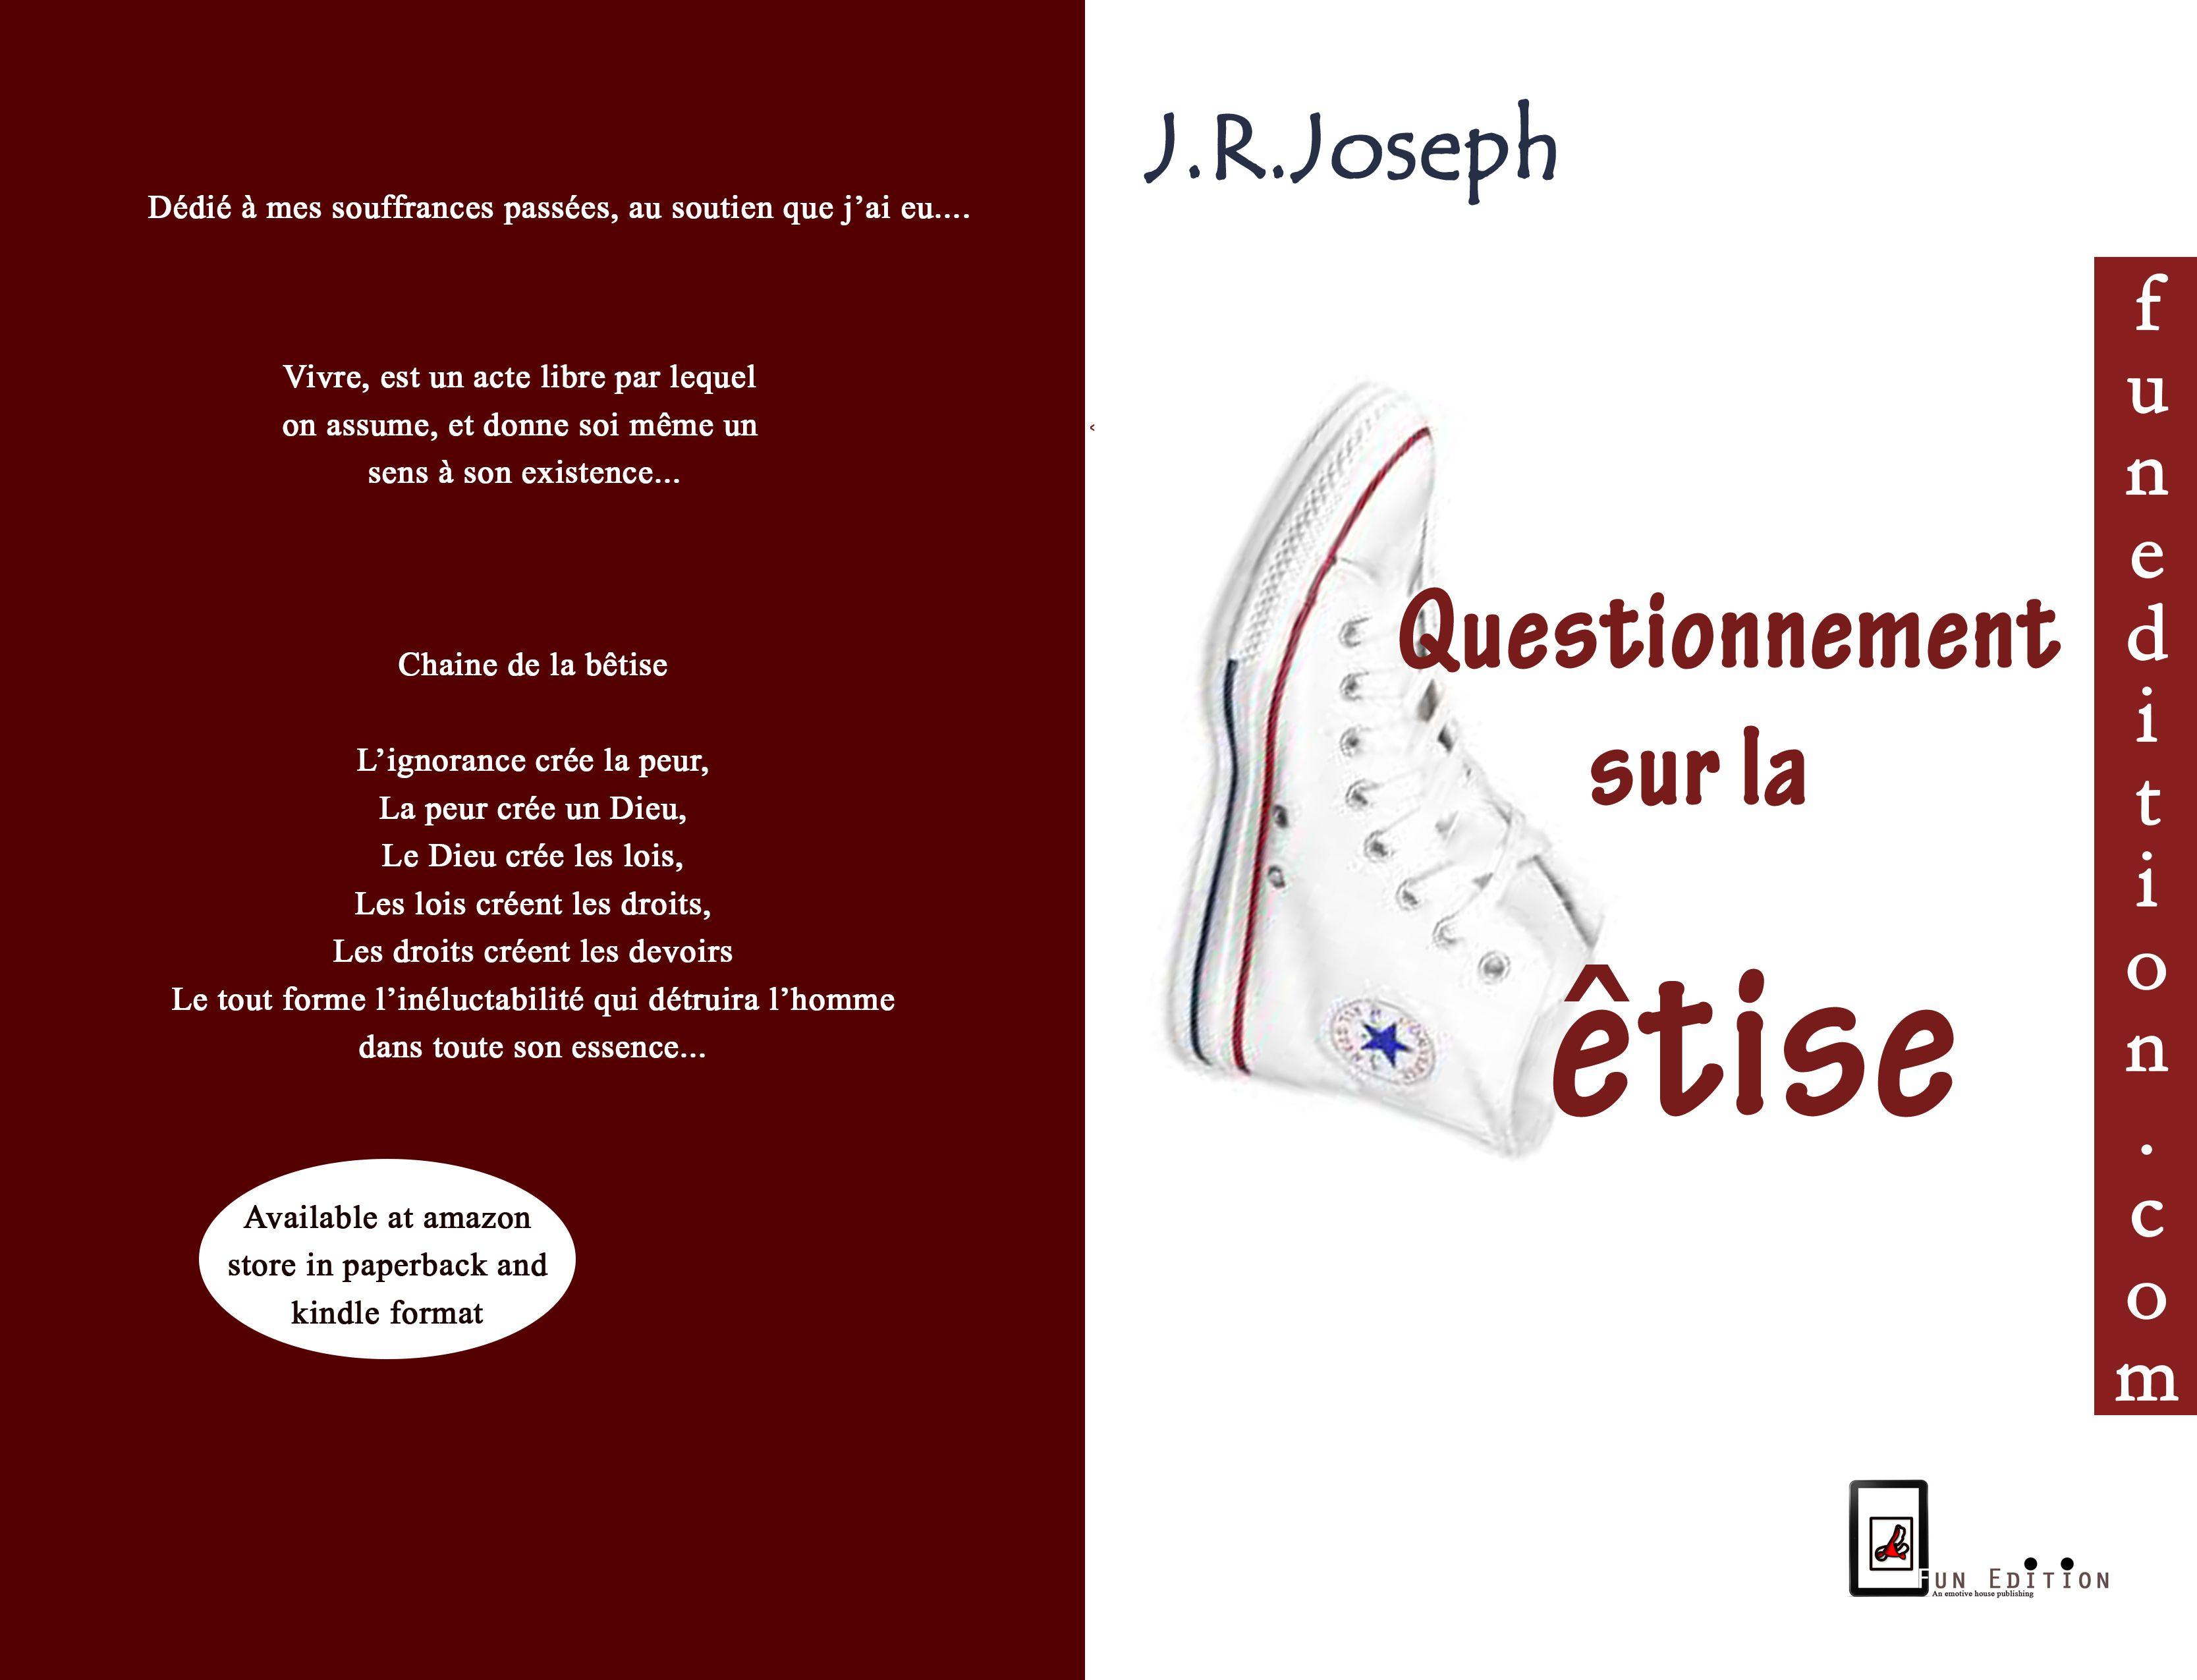 cover of questionnement sur la betise